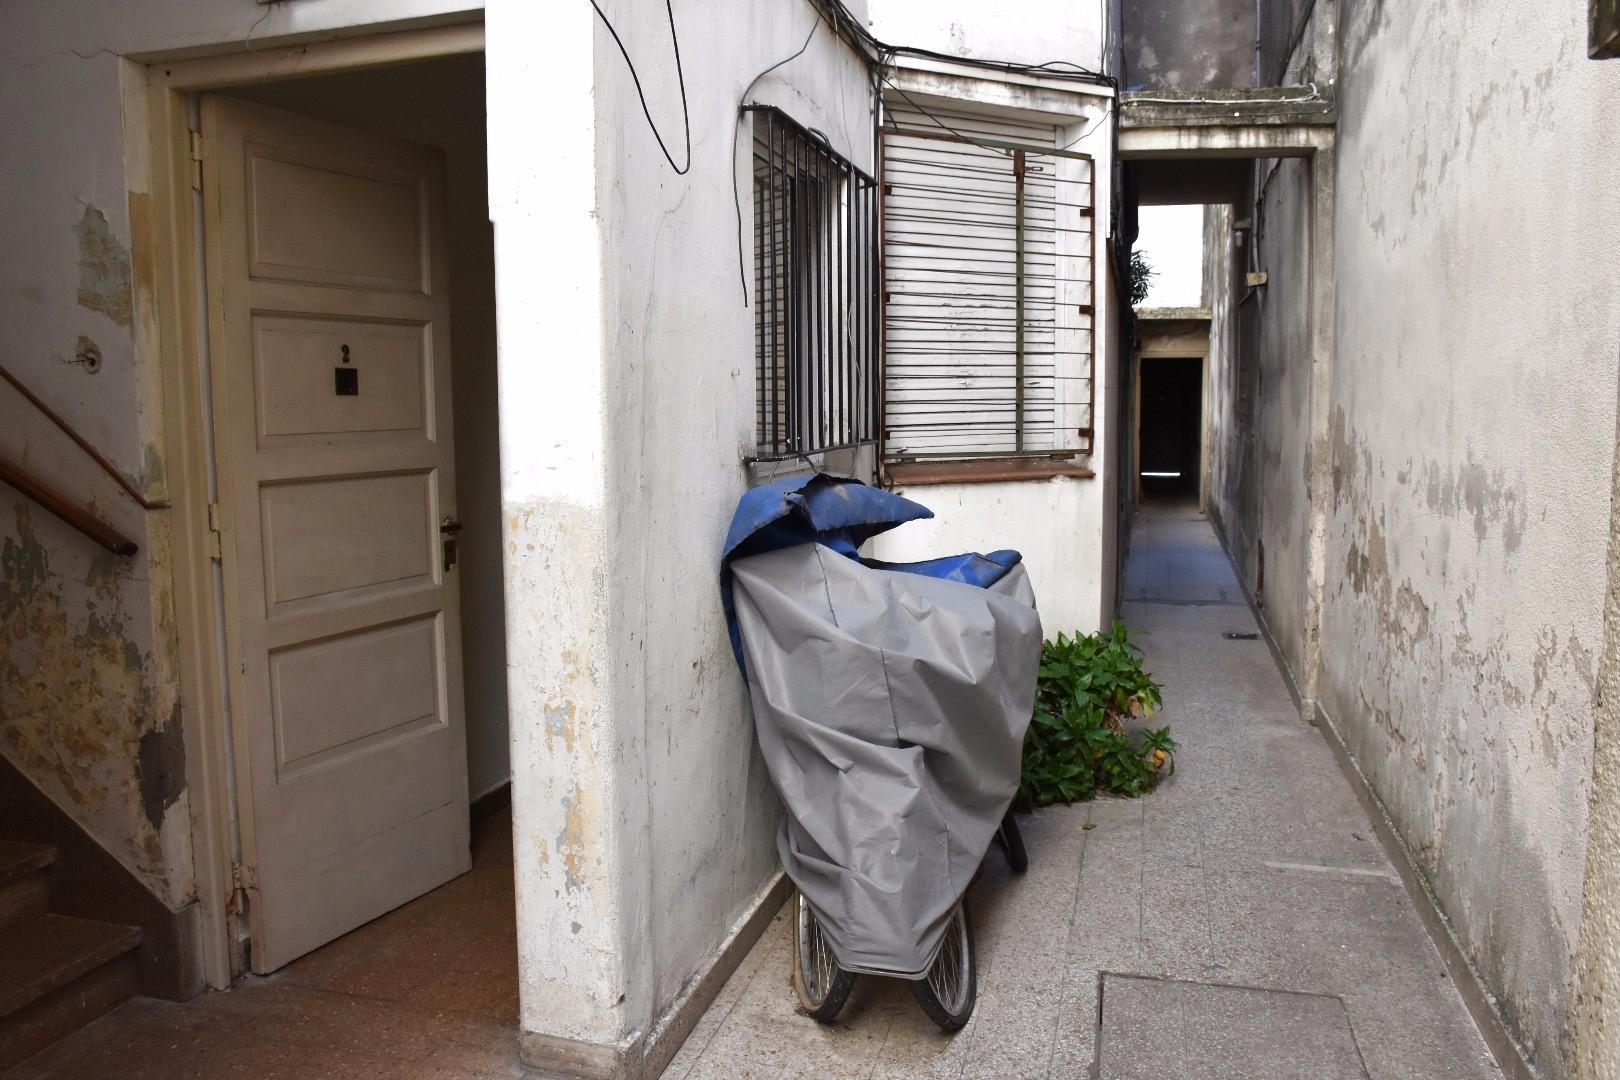 DEPARTAMENTO TIPO CASA 2 AMBIENTES AL CONTRA FRENTE A RECICLAR | VILLA ORTUZAR | CAPITAL FEDERAL